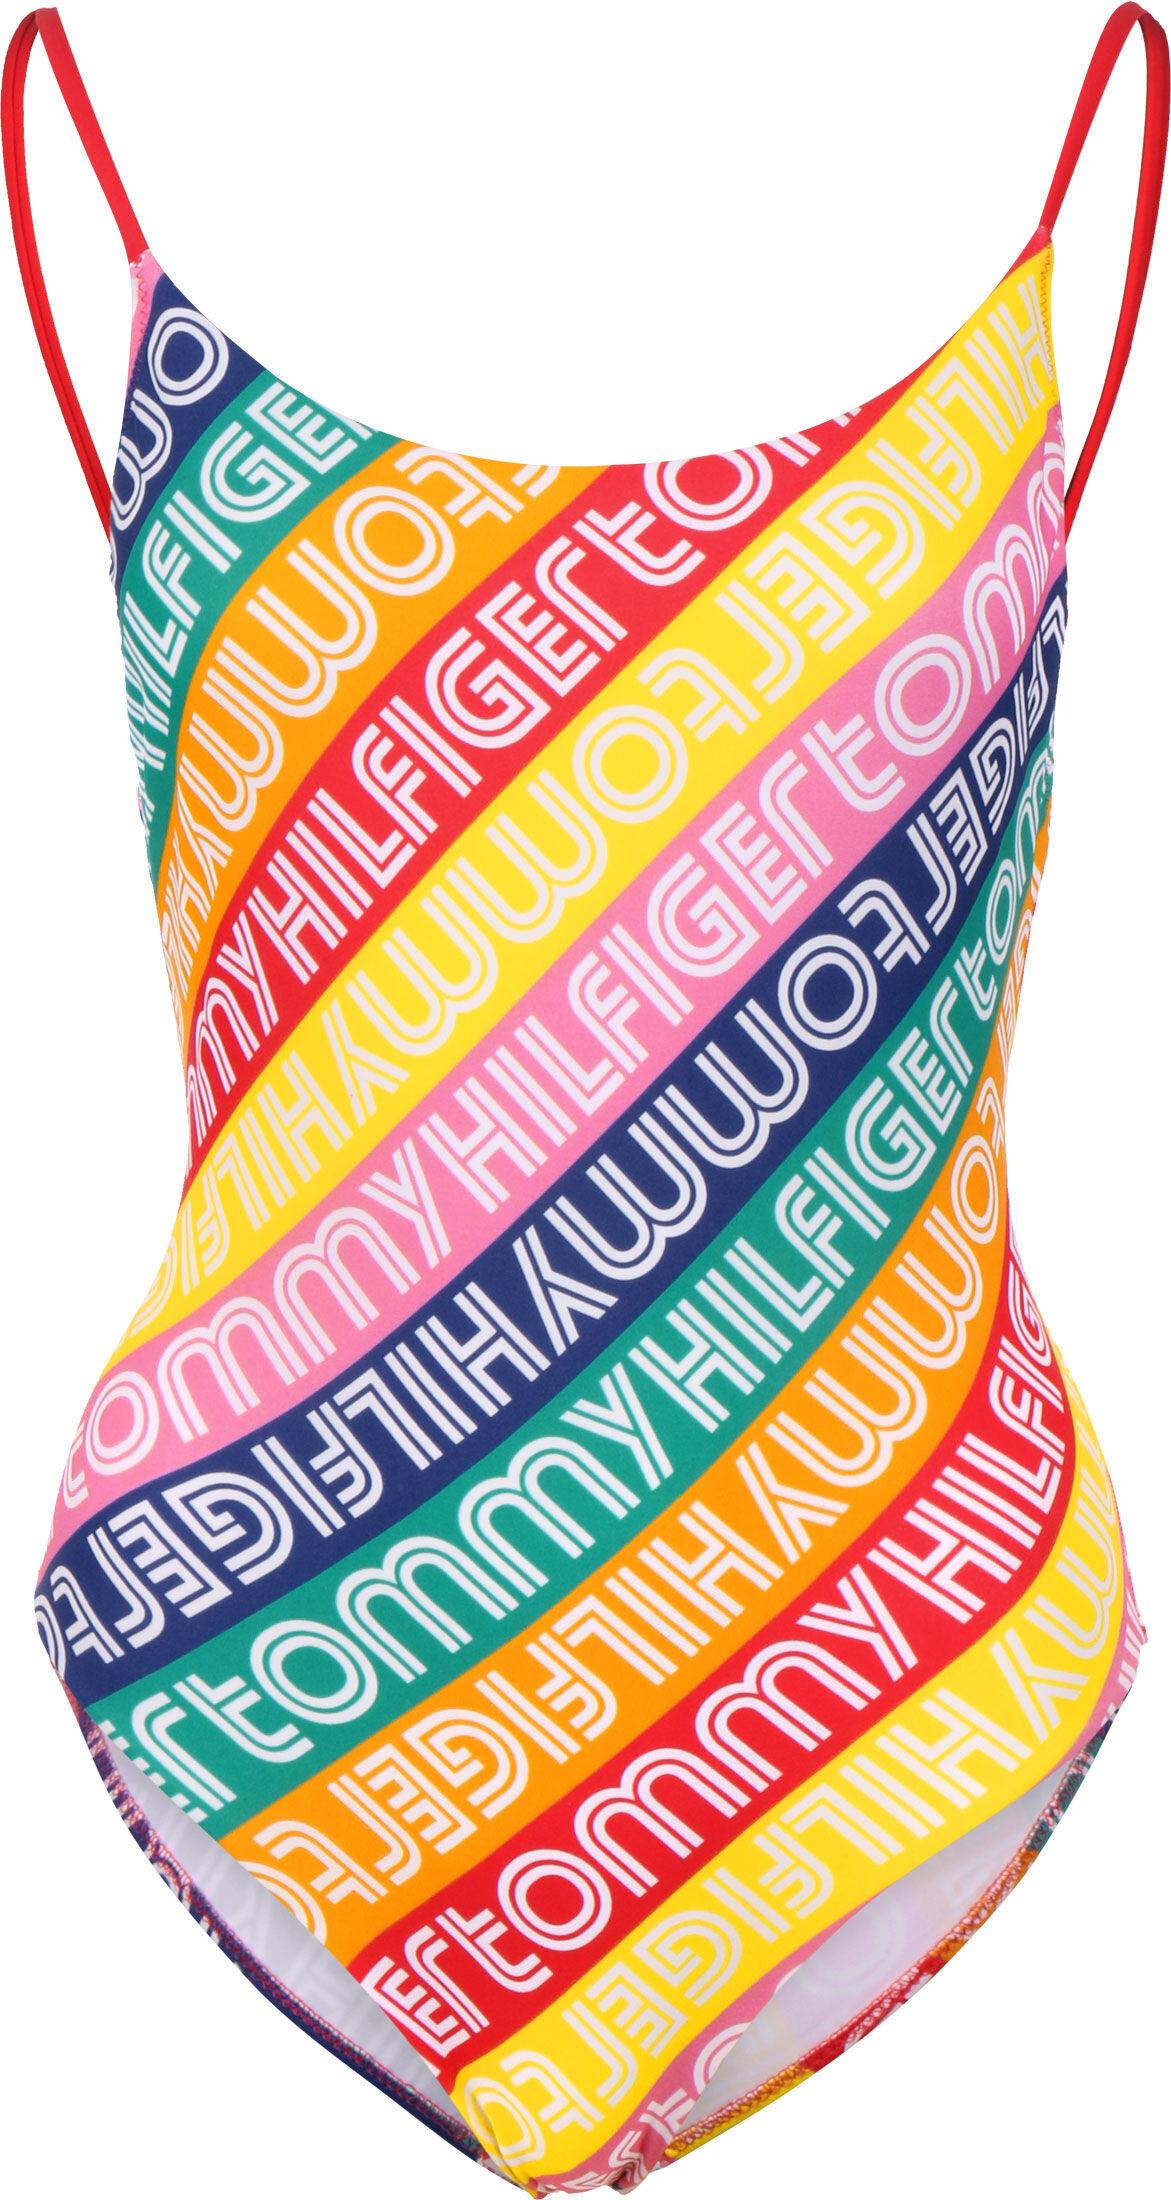 Tommy Hilfiger maillot de bain, M, femme multi-couleur rayé